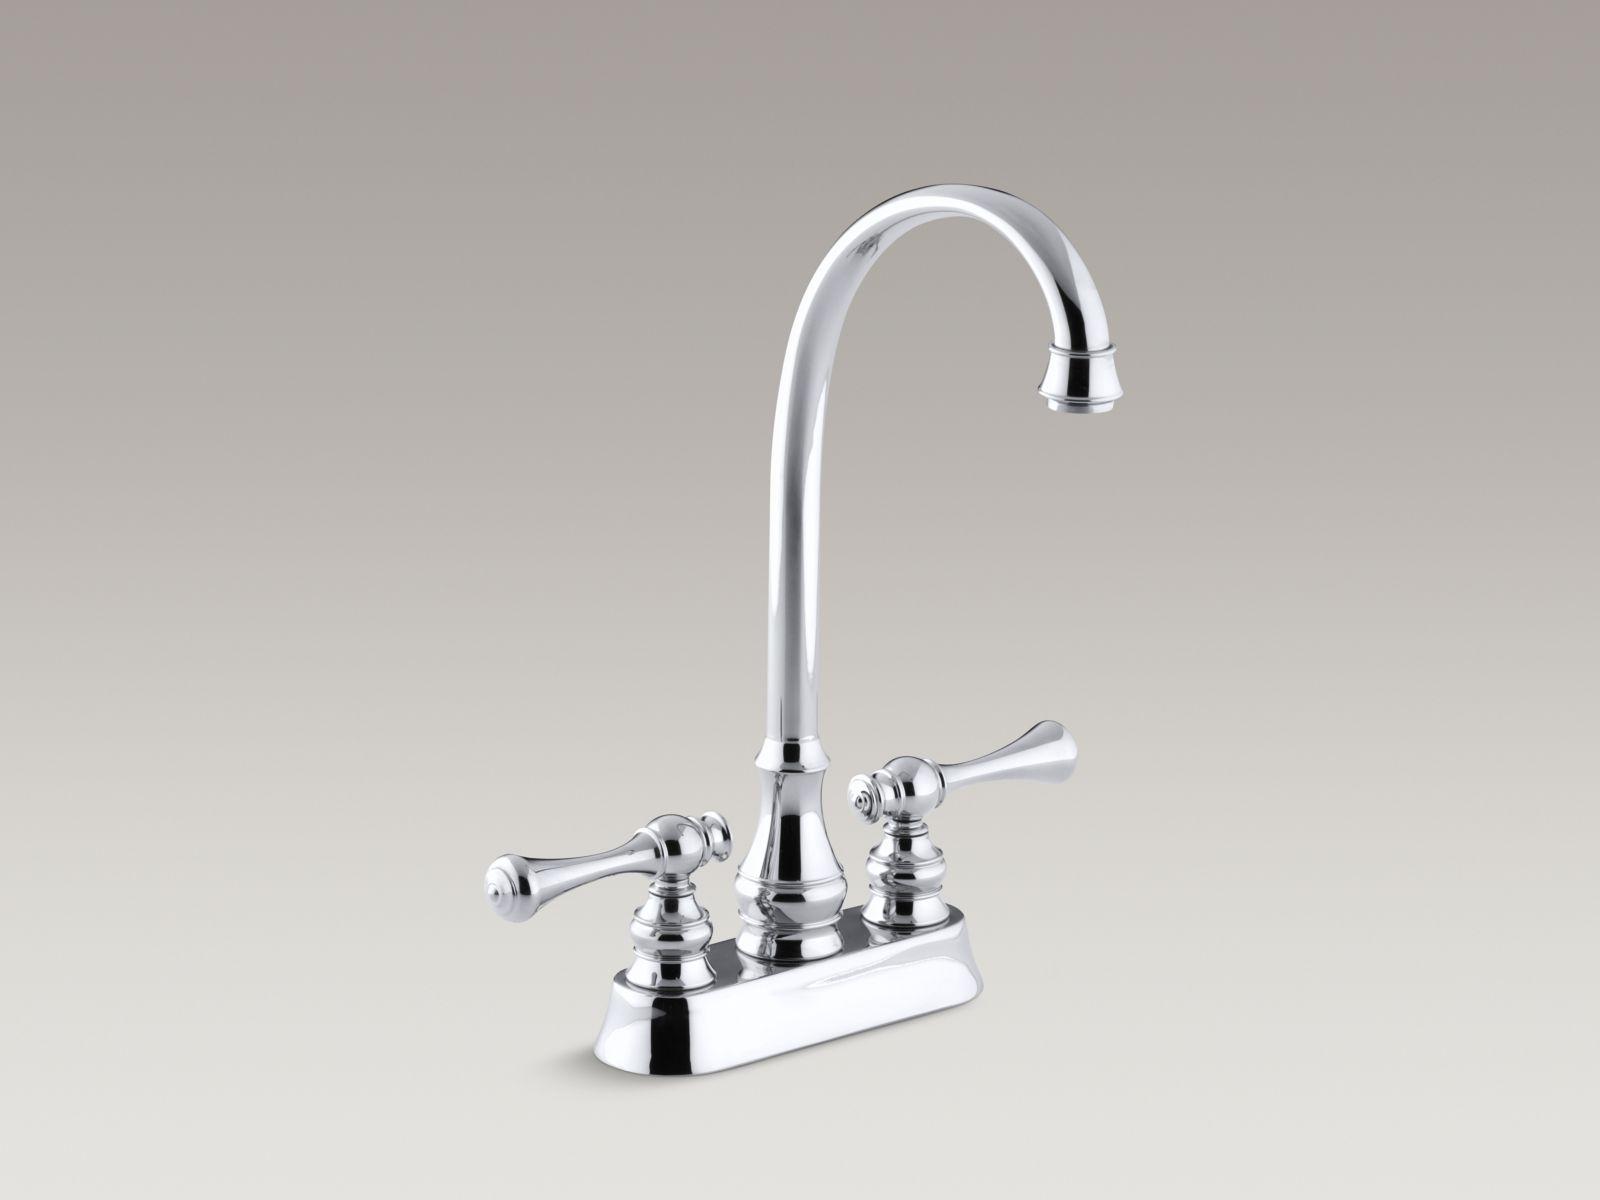 kohler revival centerset lavatory faucet kohler revival centerset lavatory faucet buyplumbing category bar prep faucet 1600 x 1200